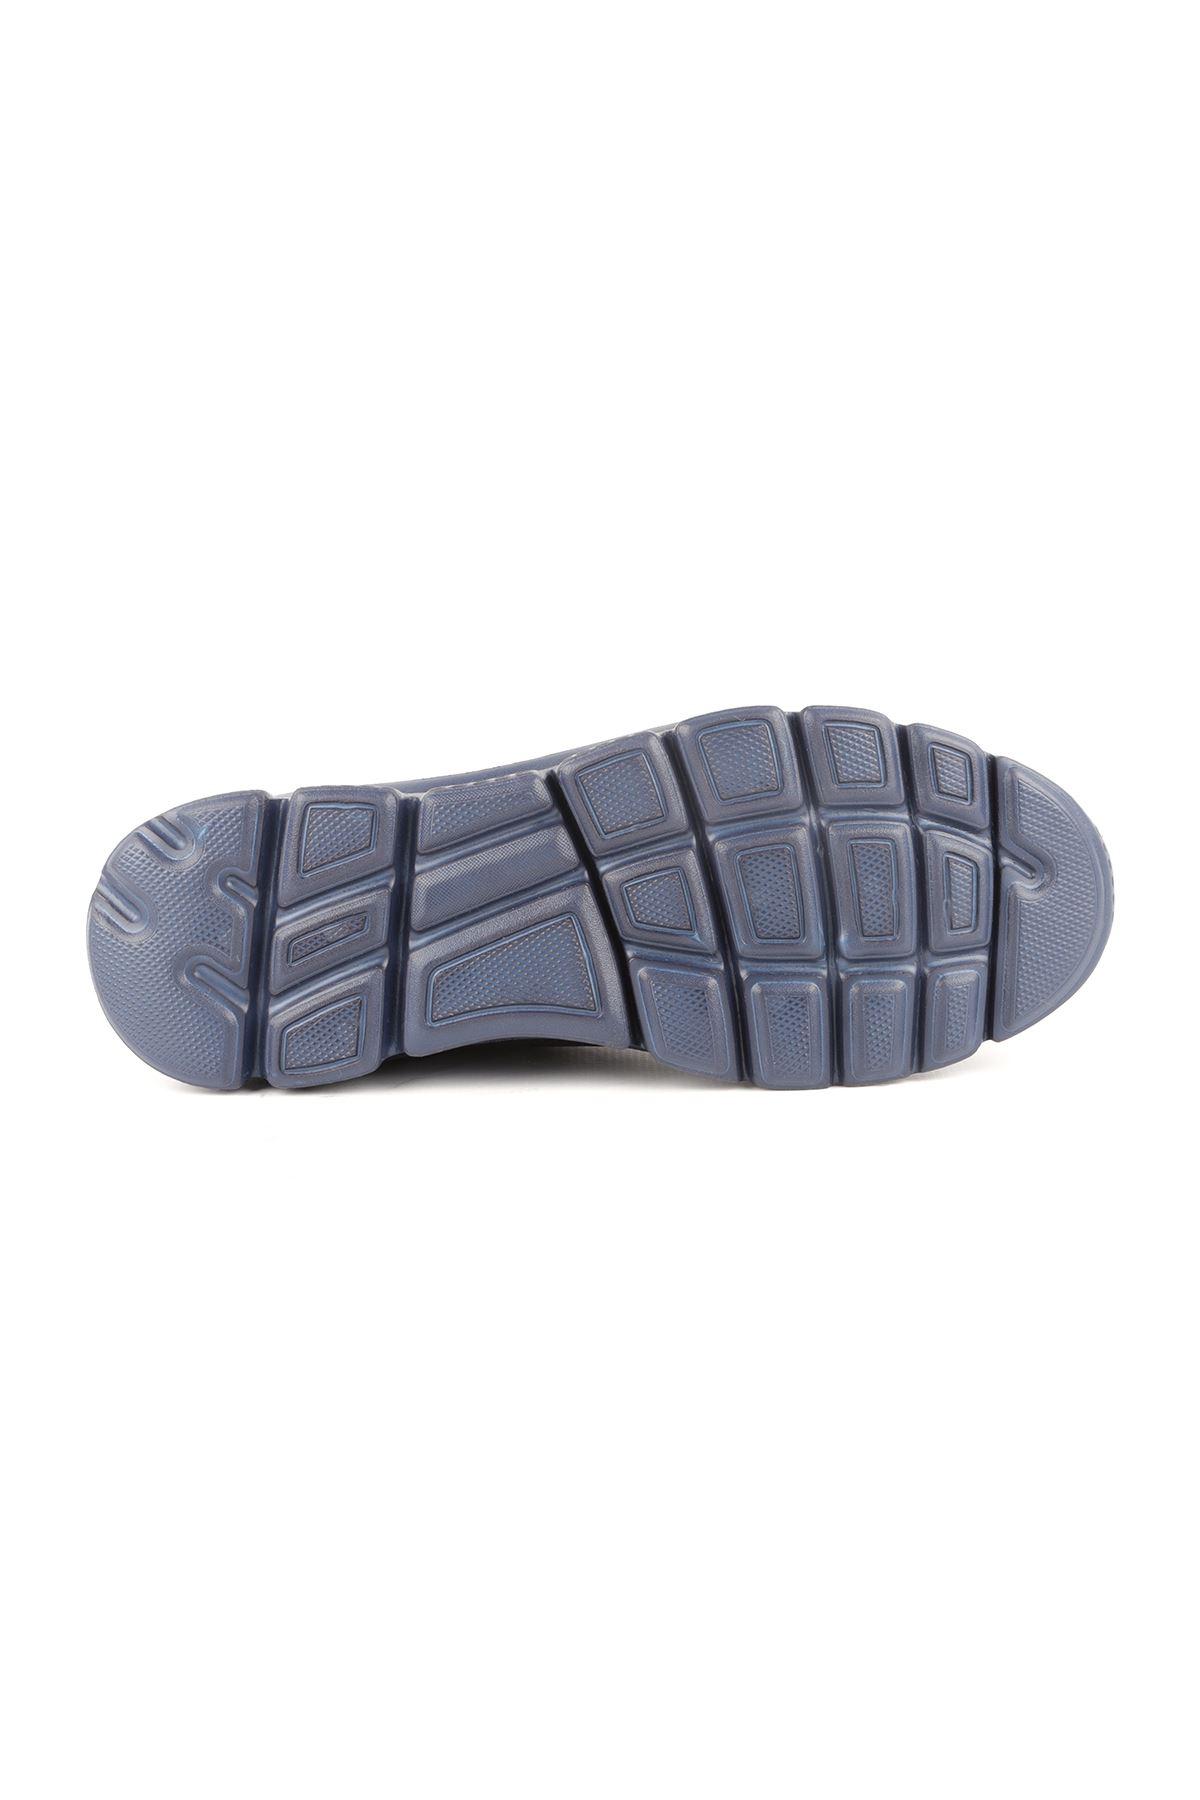 Libero L3625 Lacivert Erkek Spor Ayakkabı